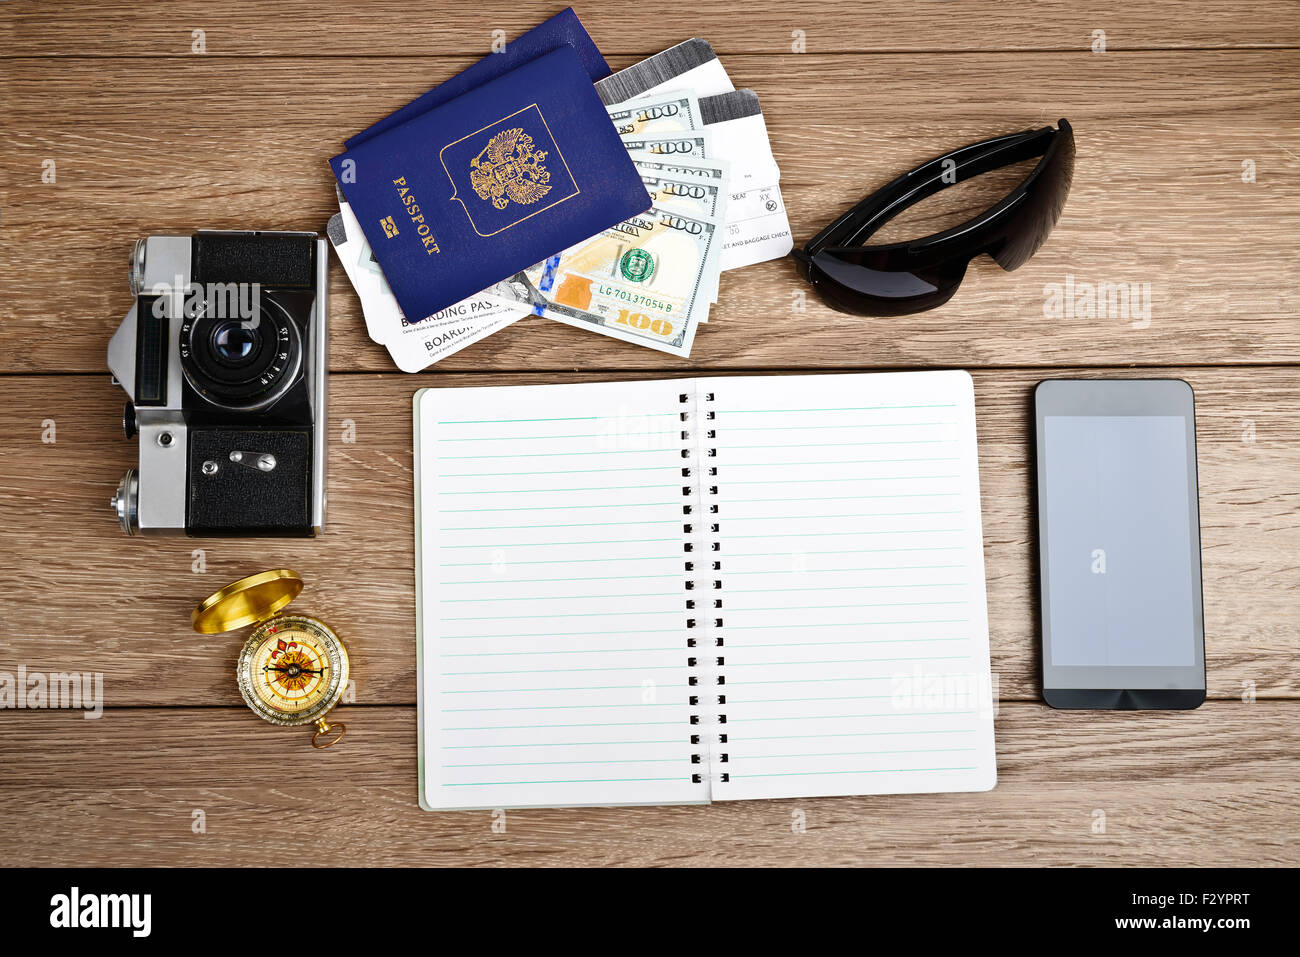 Viaggi di affari e turismo concept: biglietti aerei o carta di imbarco, passaporti, smartphone, bussola, vintage Immagini Stock